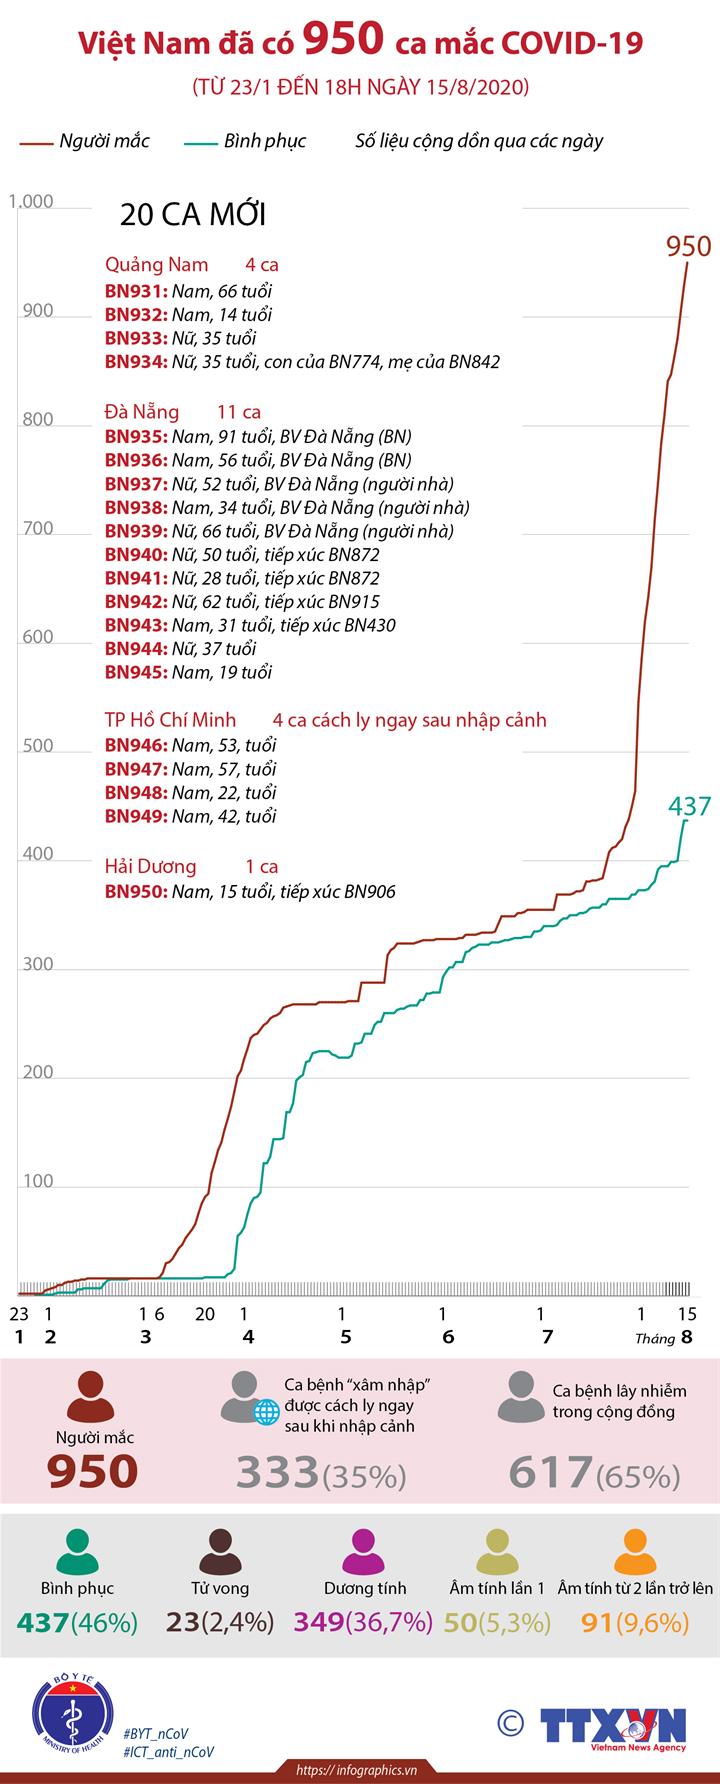 Việt Nam đã có 950 ca mắc COVID-19 (từ 23/1 đến 18h ngày 15/8/2020)